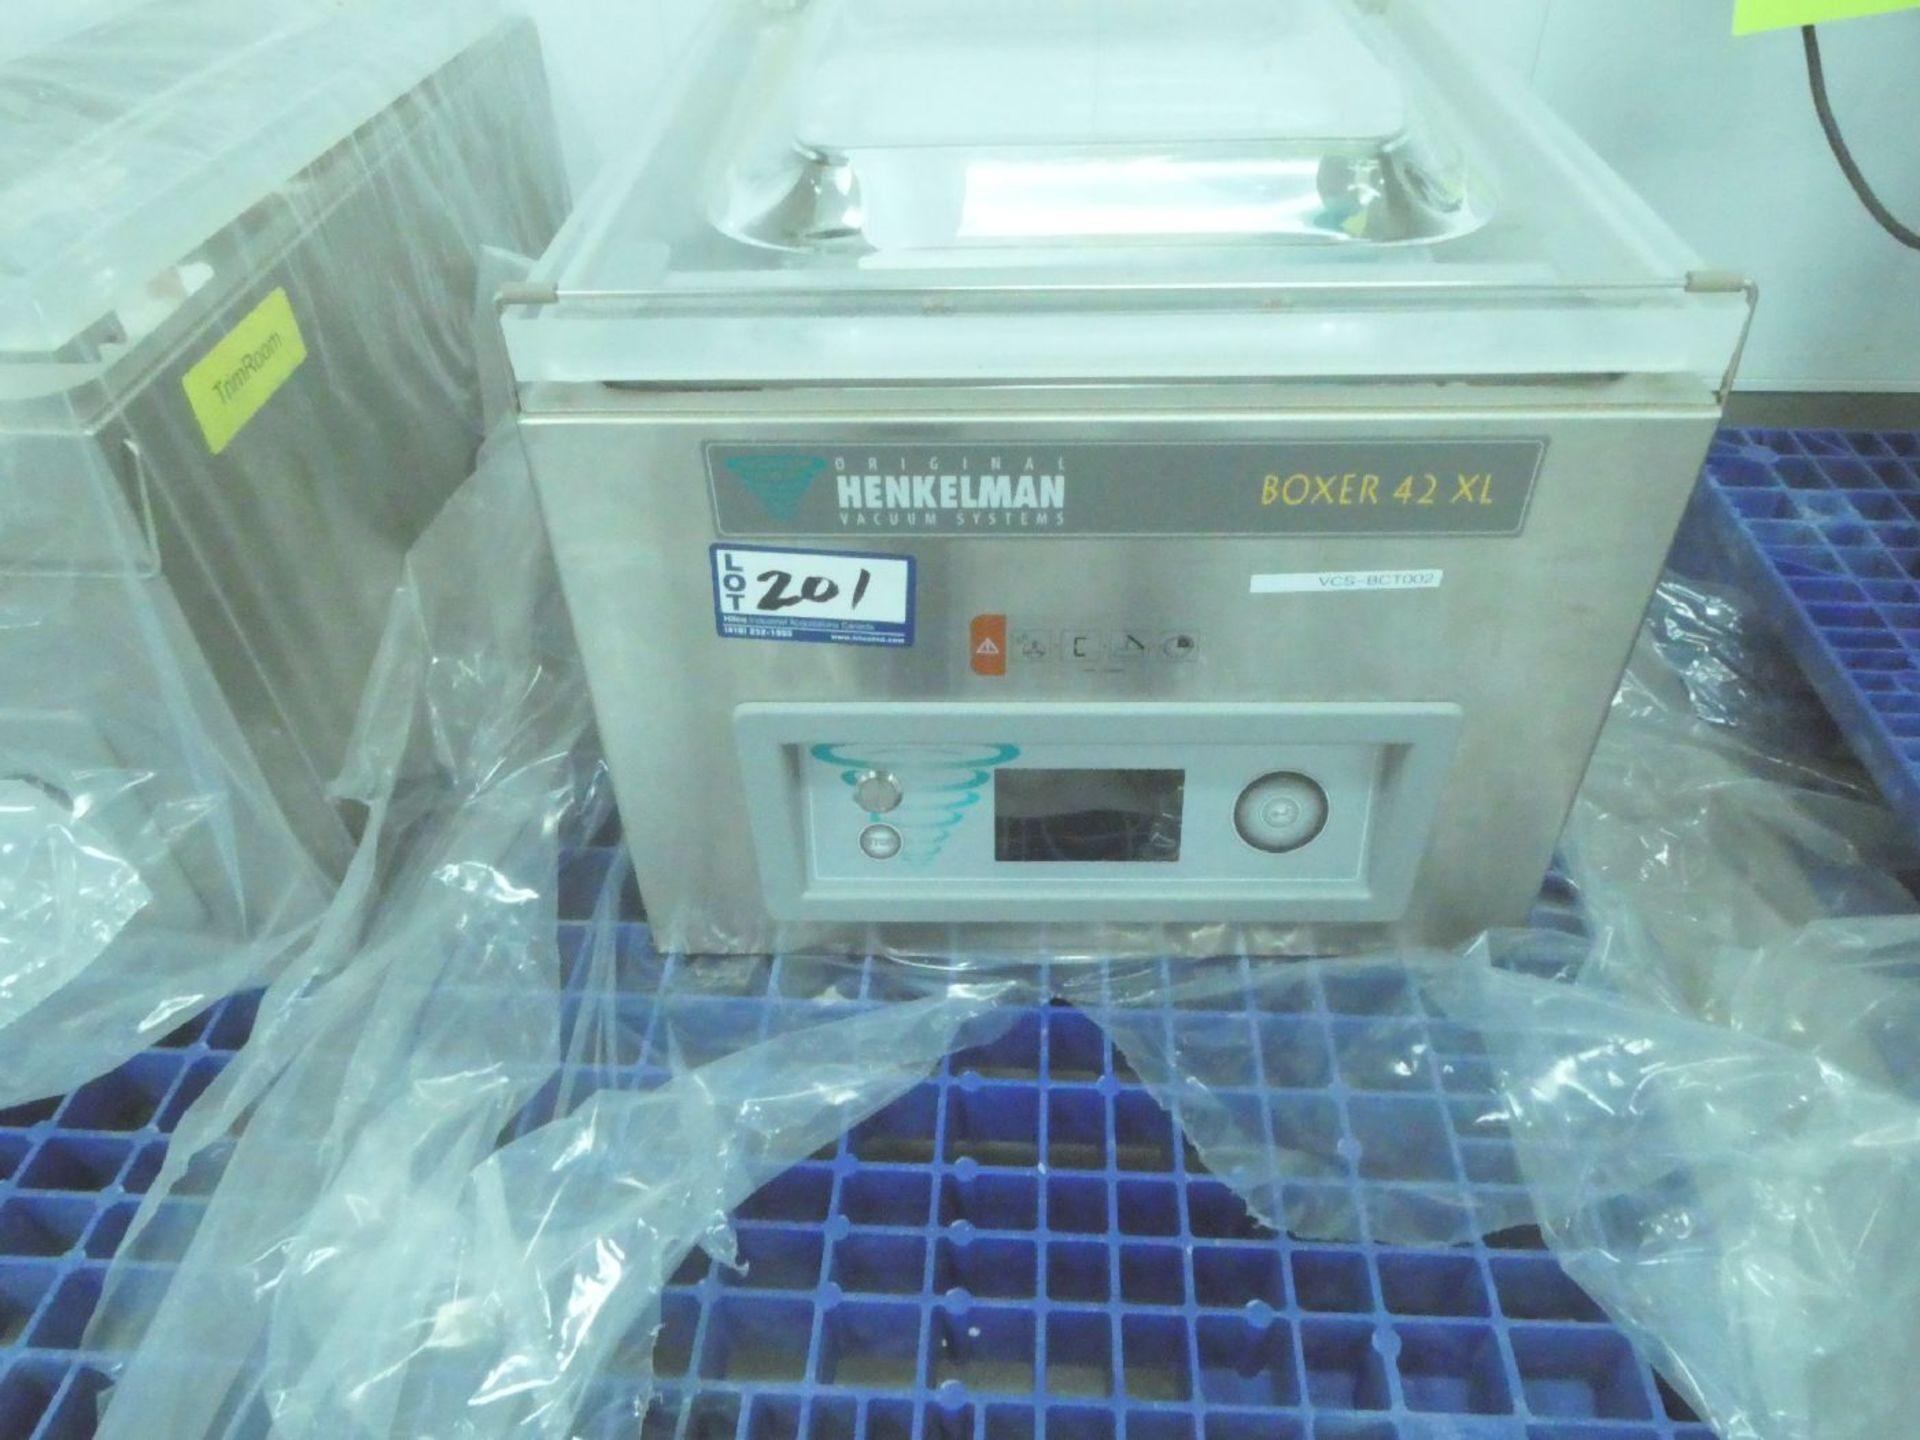 Henkleman Boxer 42 XL Vacuum Sealer